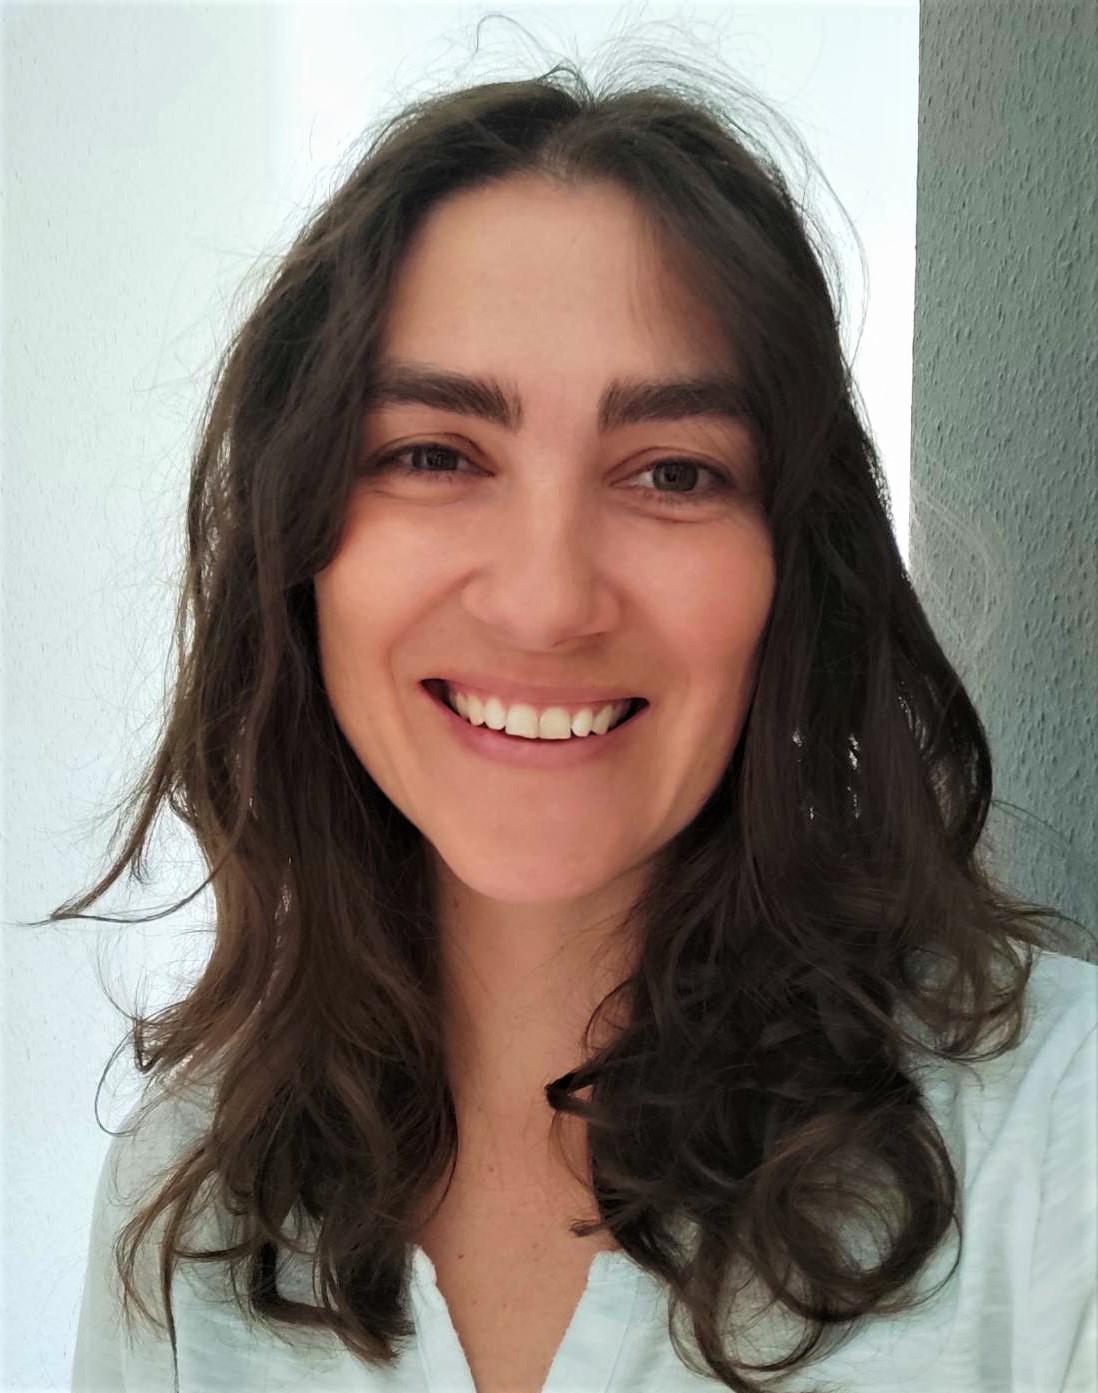 Elizabeth Le Roux